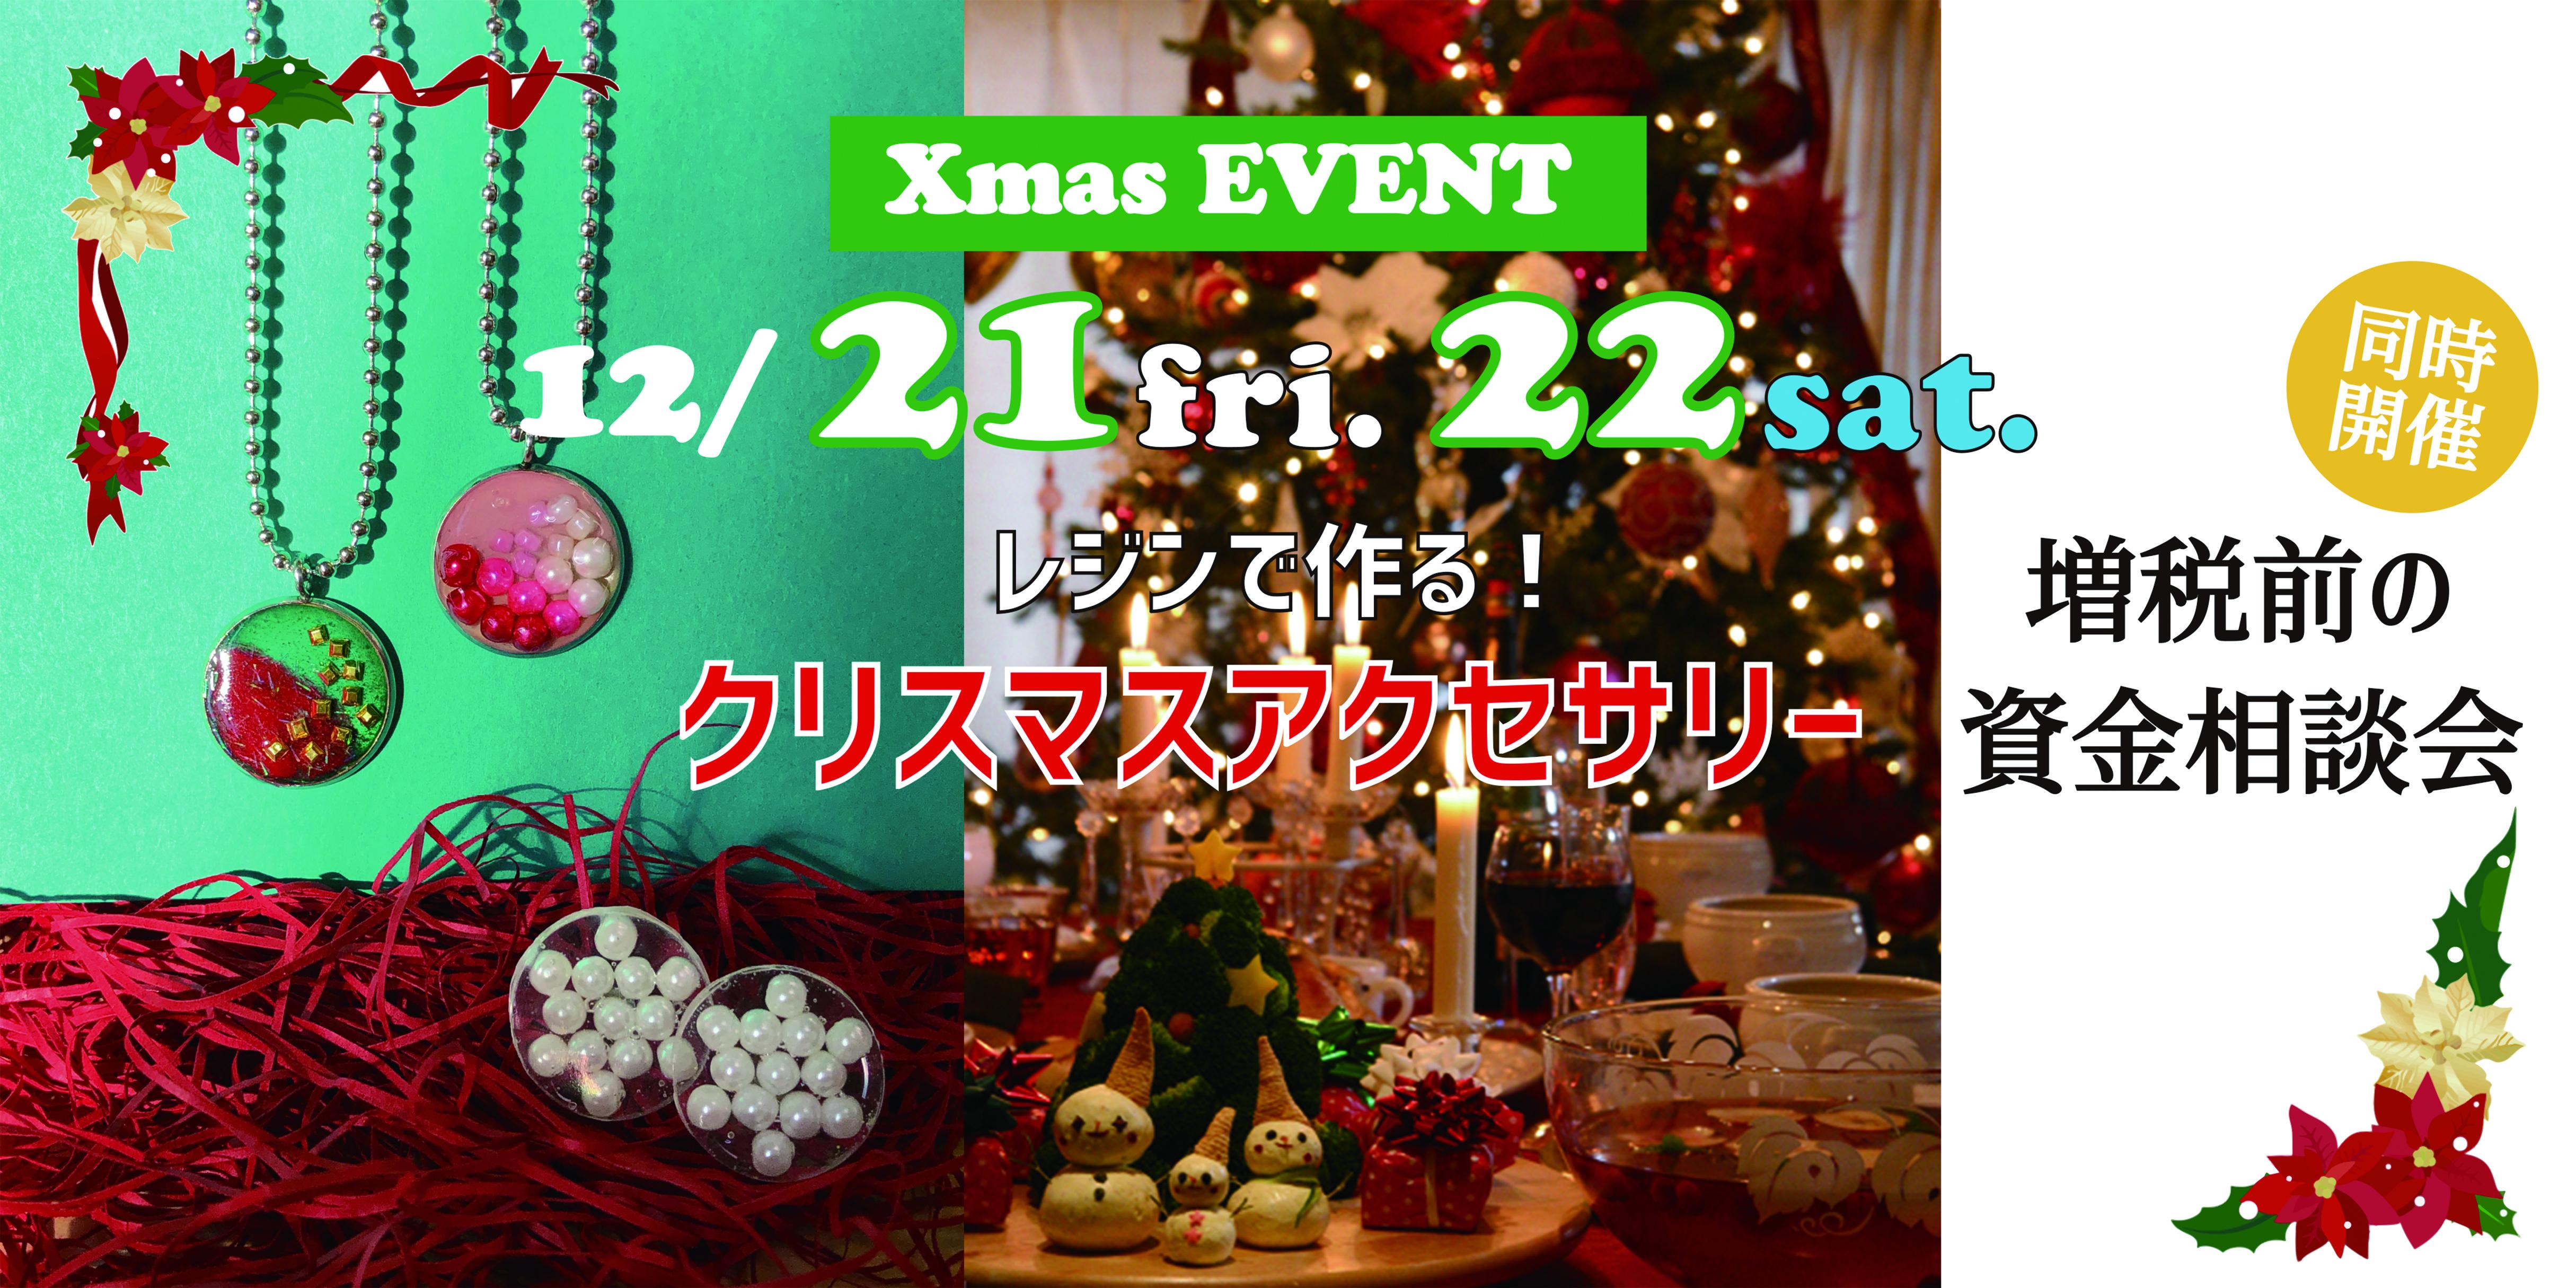 【12/21(金)22(土)クリスマスイベント開催!】